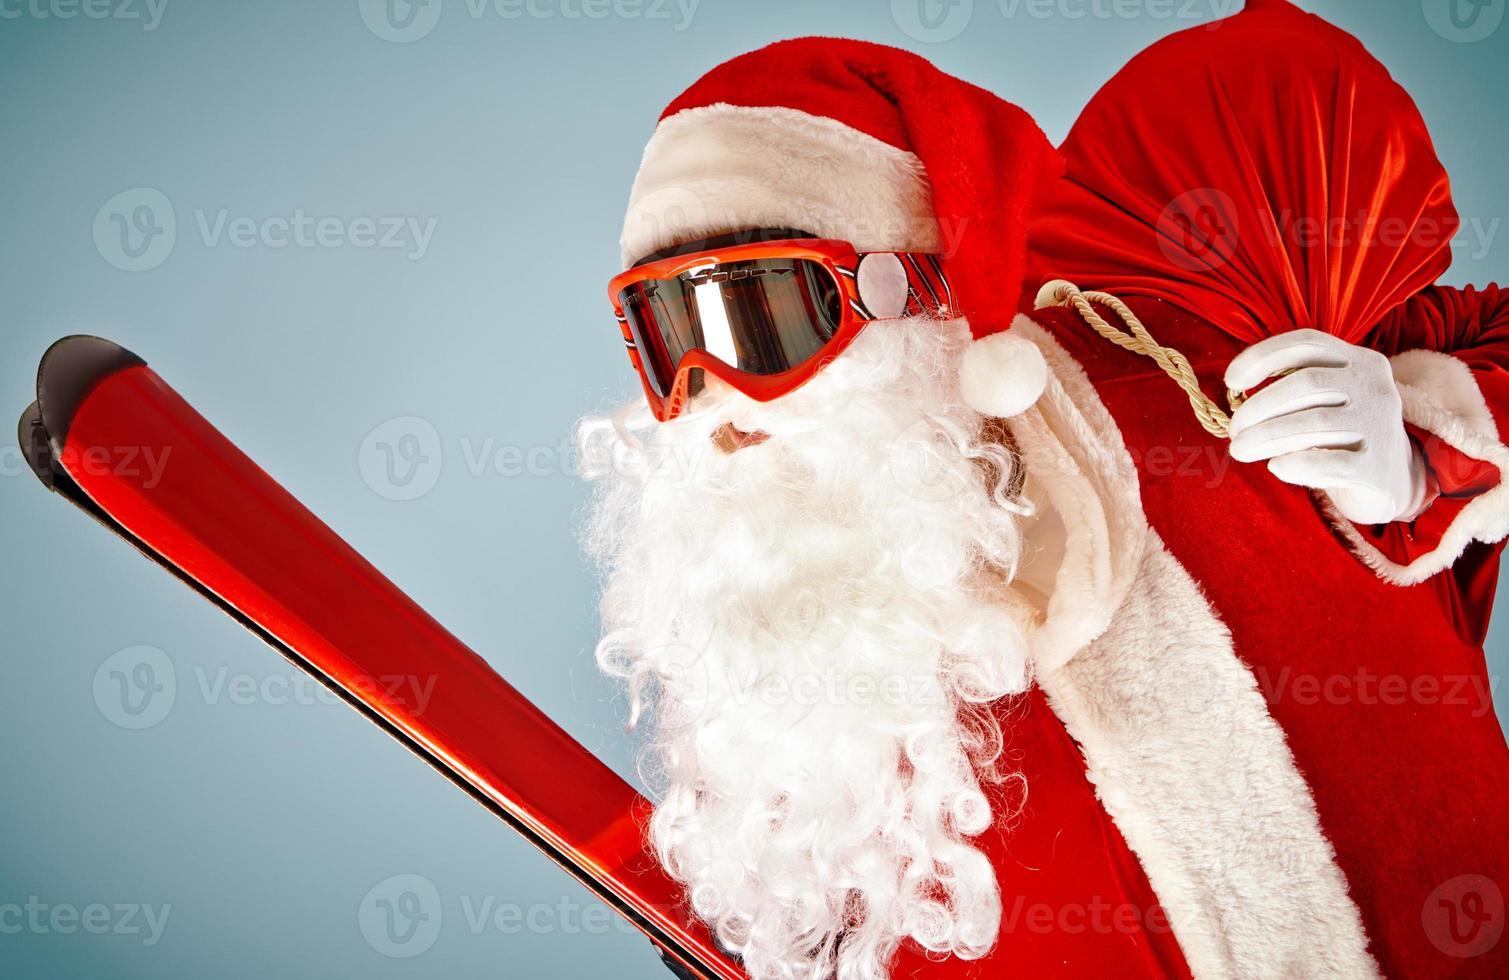 kerstman met ski foto